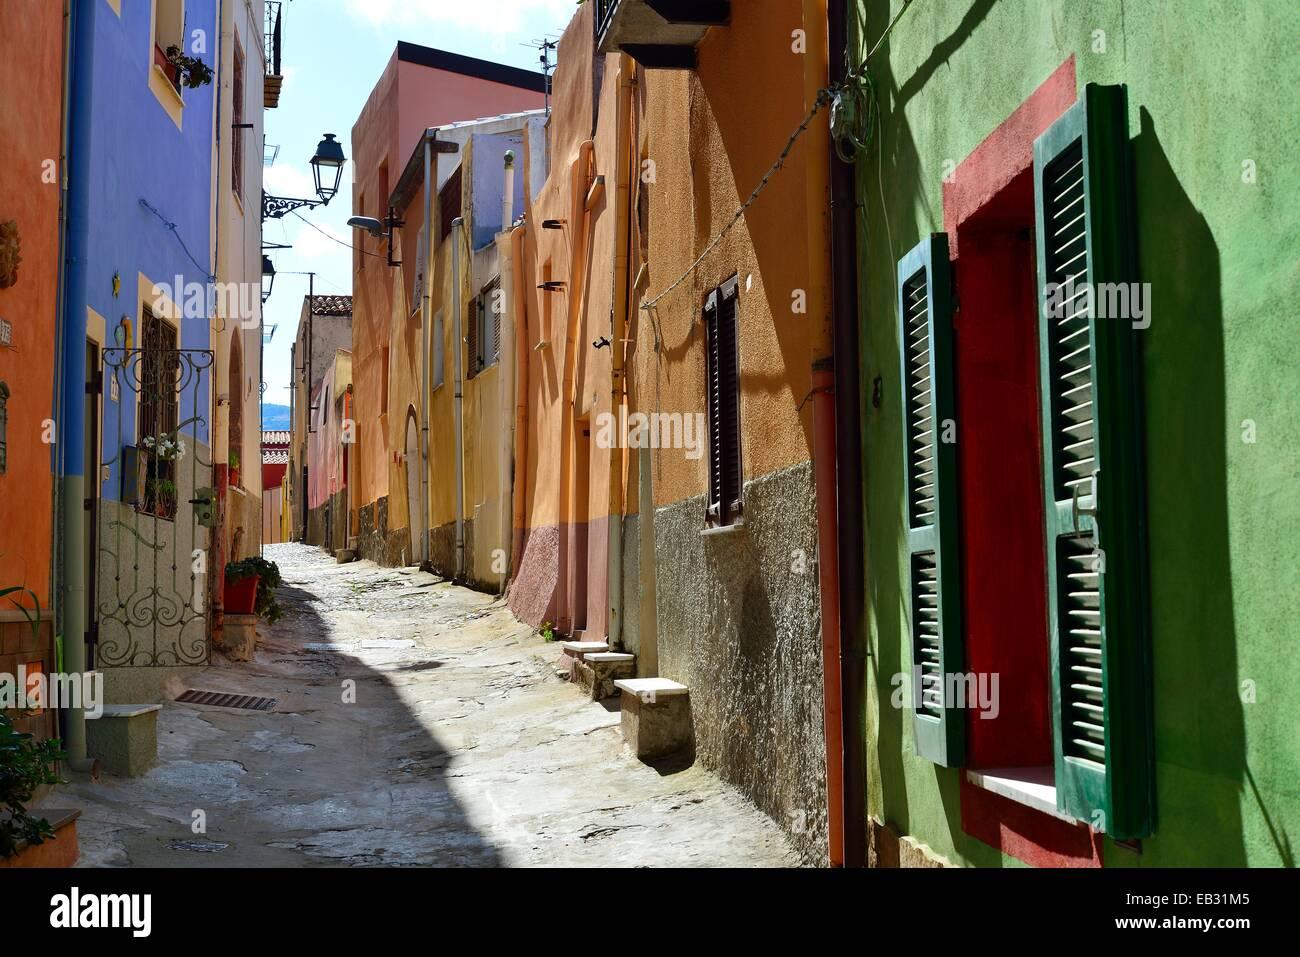 Case colorate in uno stretto vicolo del centro storico, Bosa, provincia di Oristano, Sardegna, Italia Foto stock - Alamy